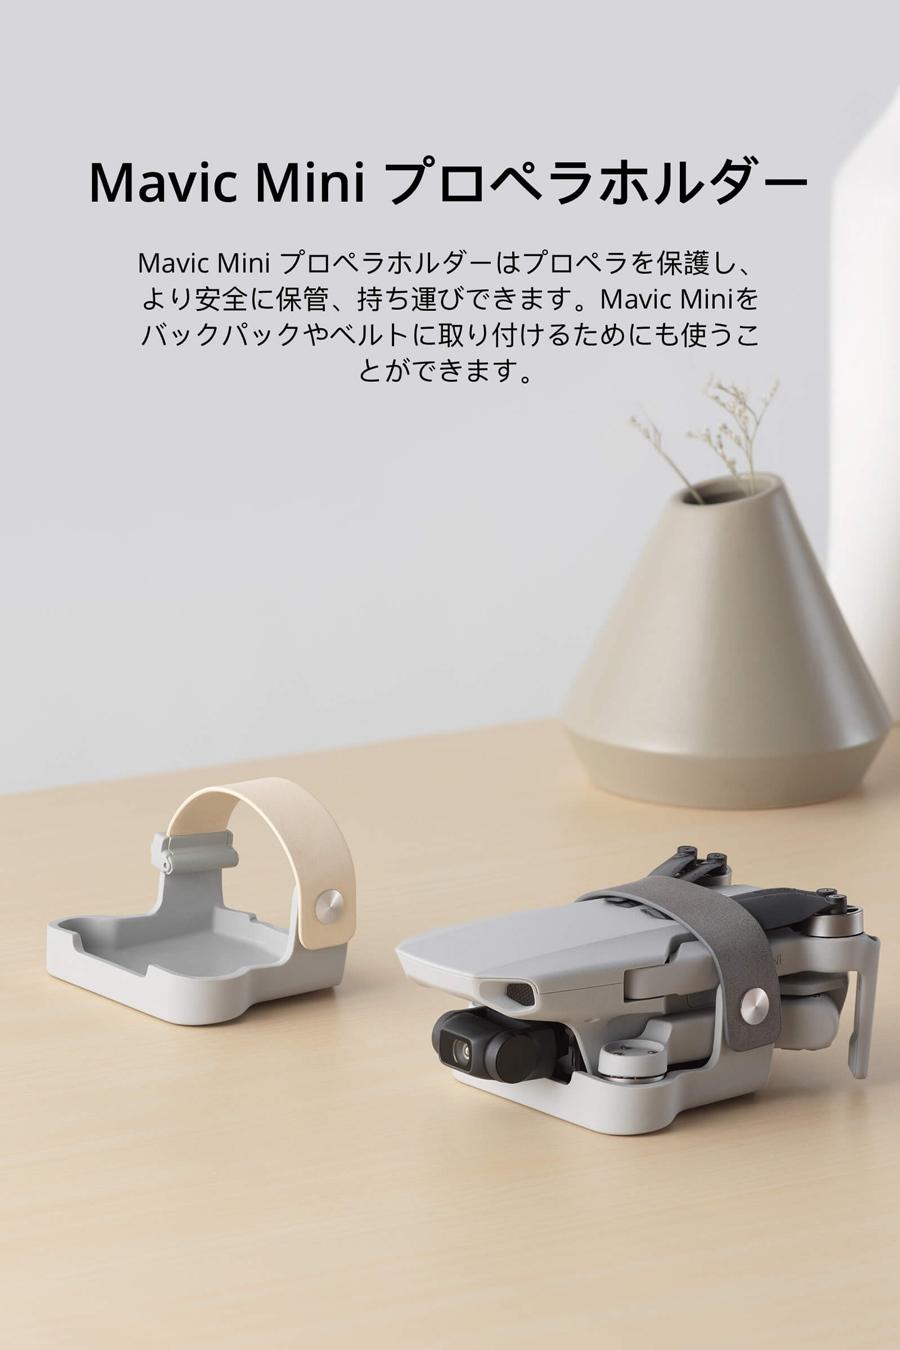 DJI Mavic Mini  NO.22/23 プロペラホルダー | Mavic Mini プロペラホルダーはプロペラを保護し、より安全に保管、持ち運びできます。Mavic Miniをバックパックやベルトに取り付けるためにも使うことができます。